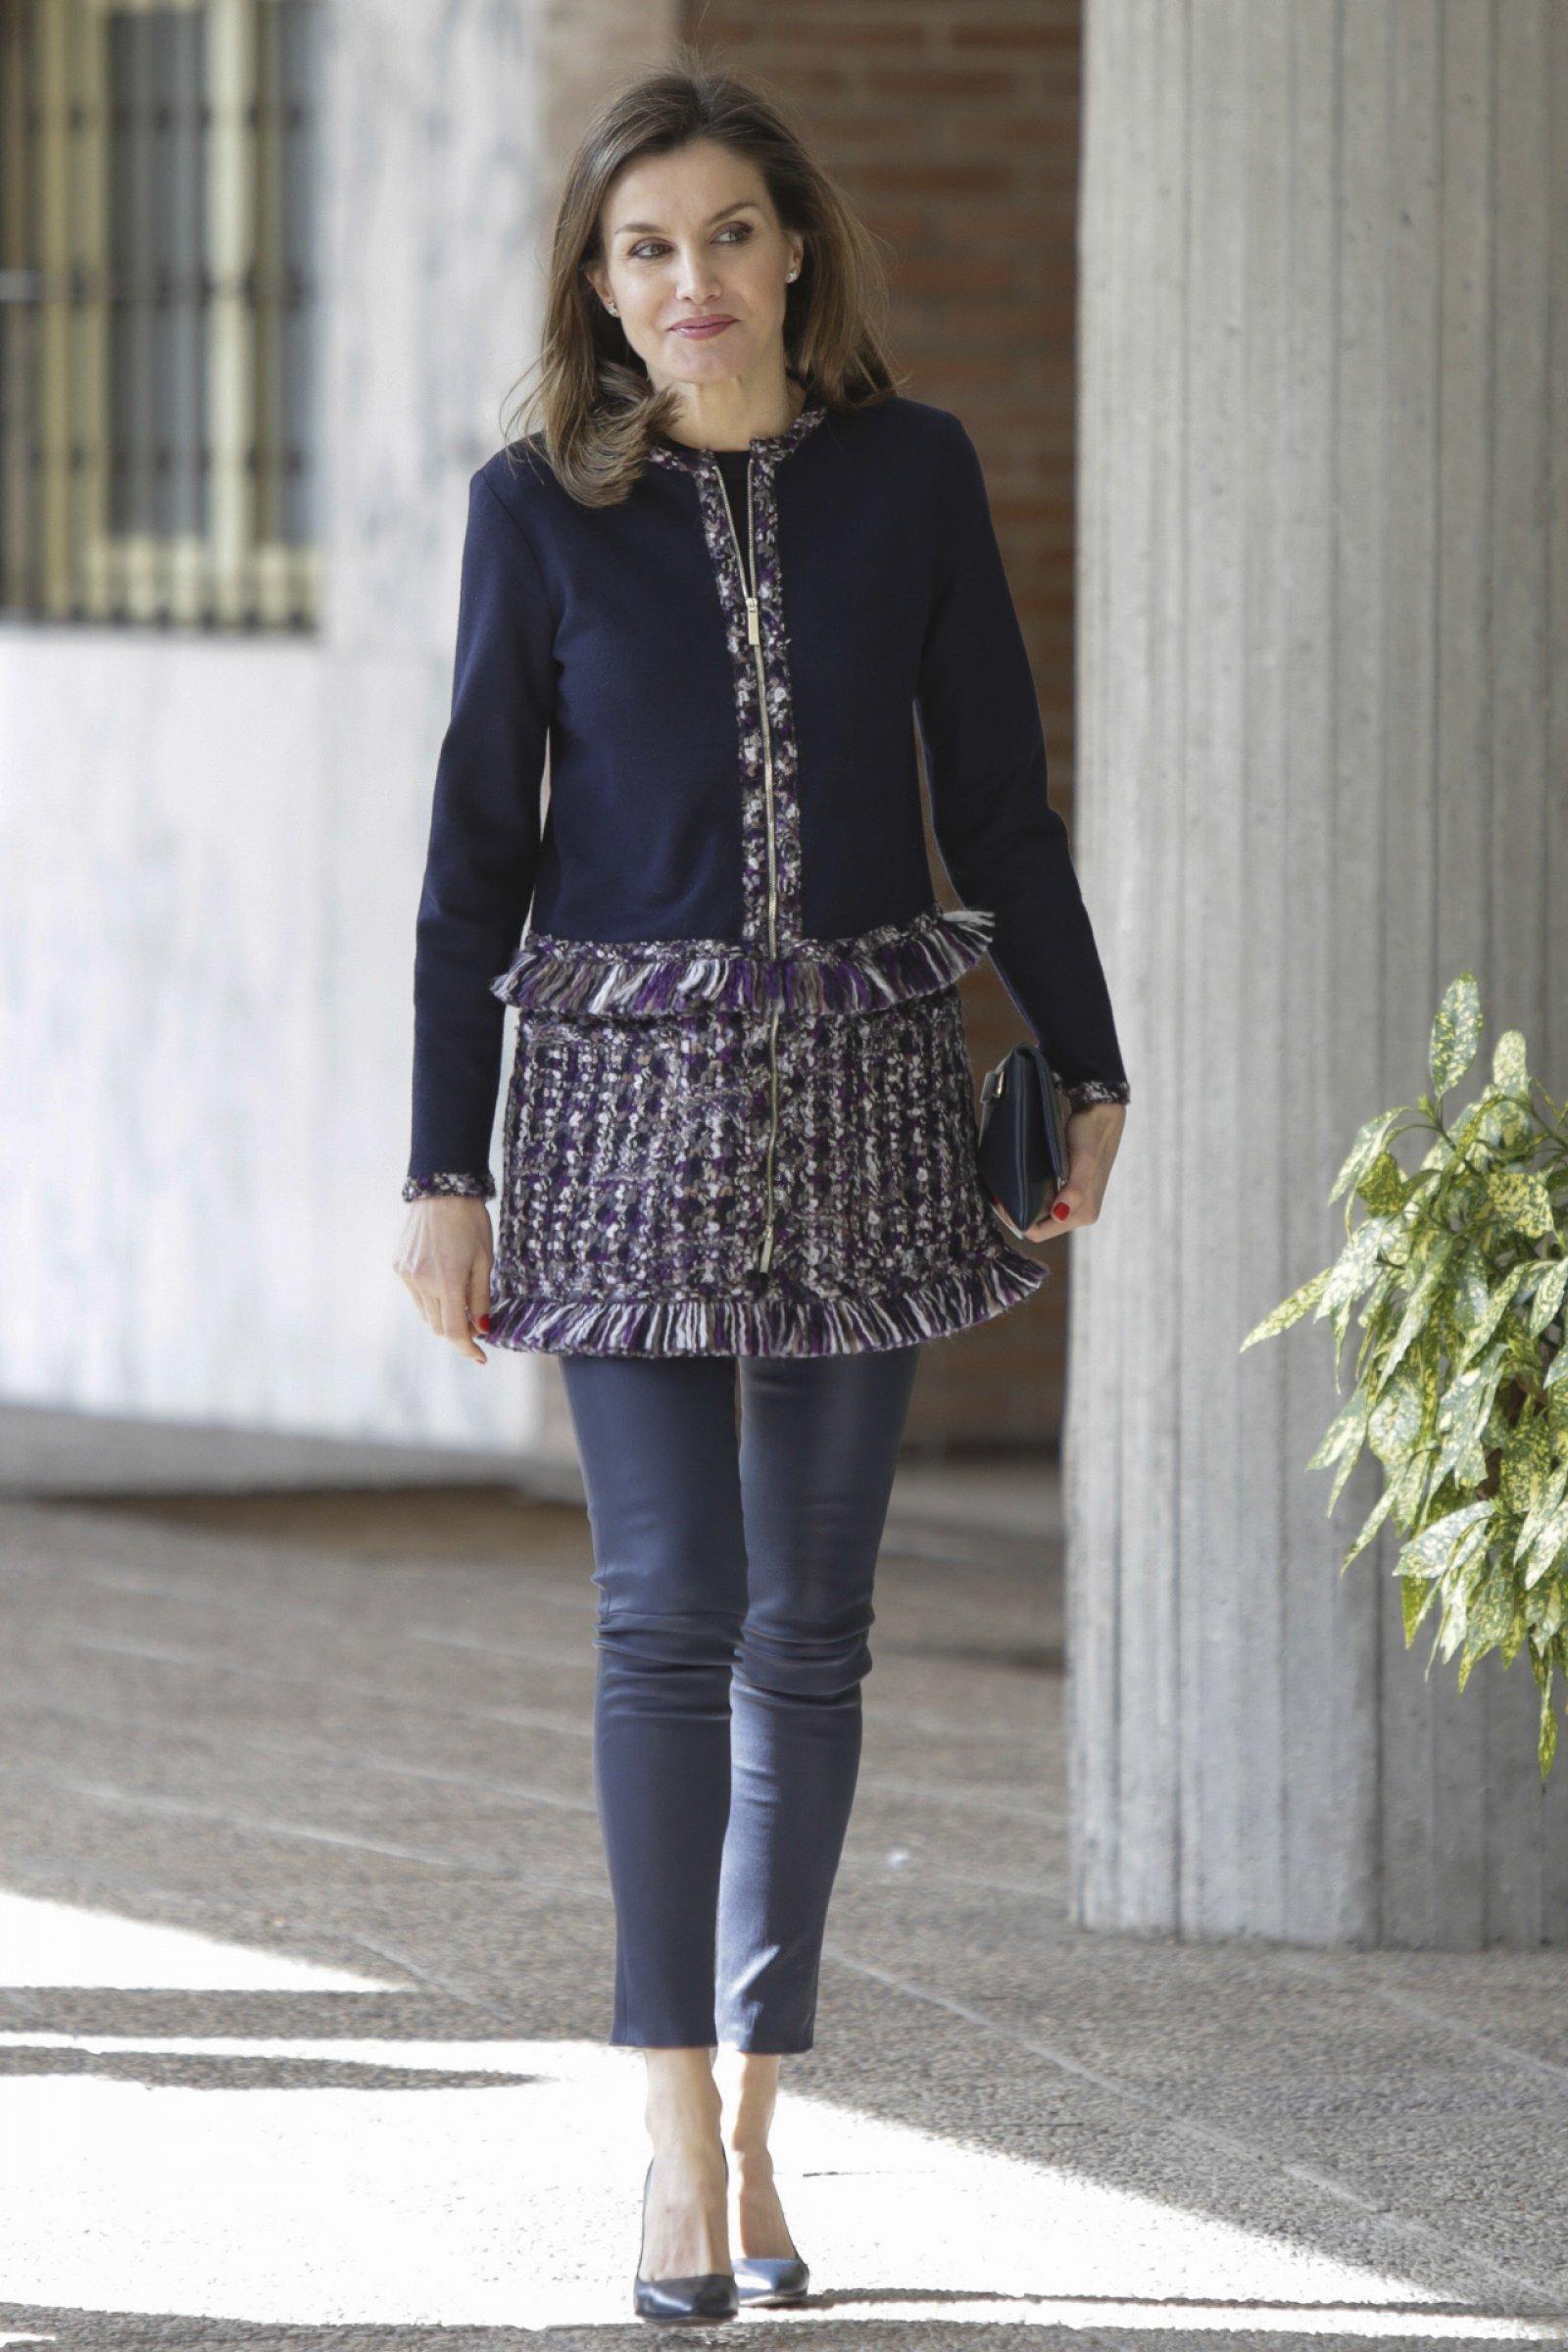 El 'look' completo de la reina Letizia durante la visita a la Fundación Integra en Madrid.